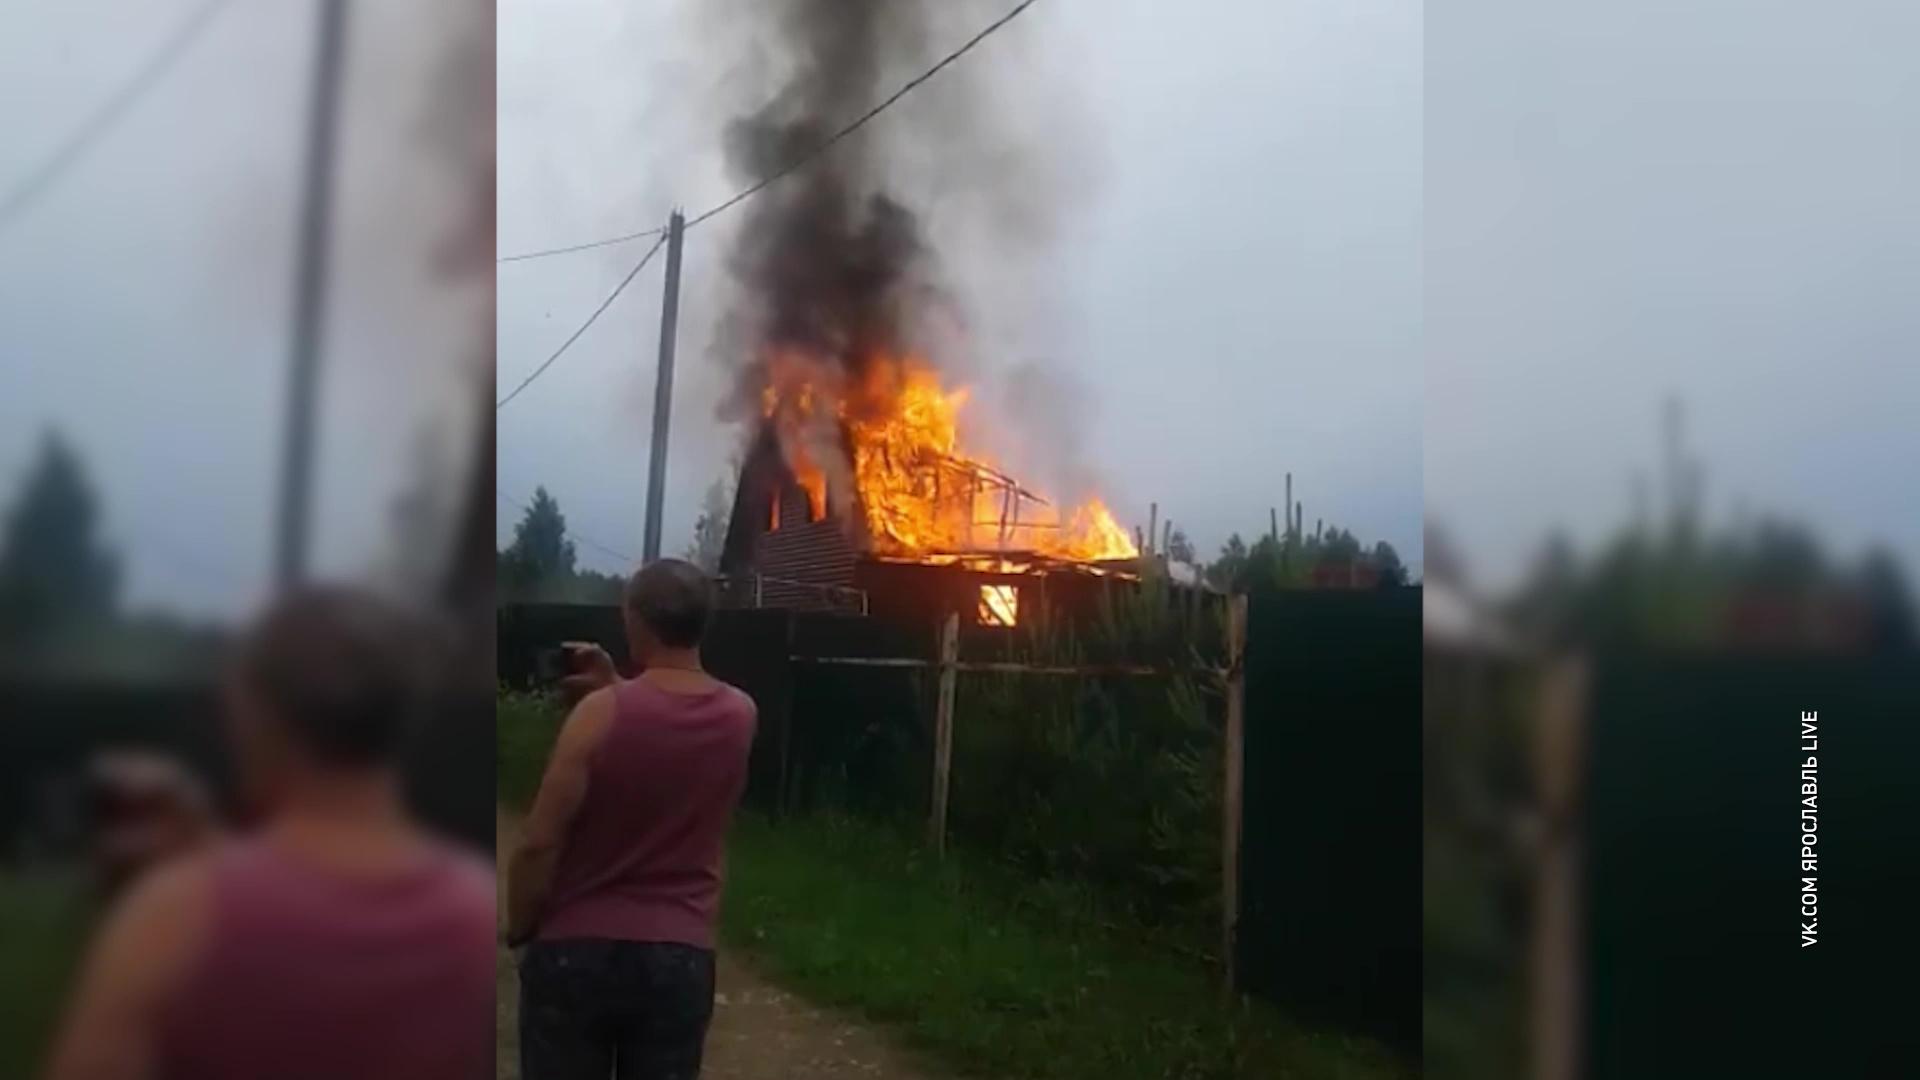 В Гаврилов-Ямском районе от удара молнии сгорел двухэтажный дом